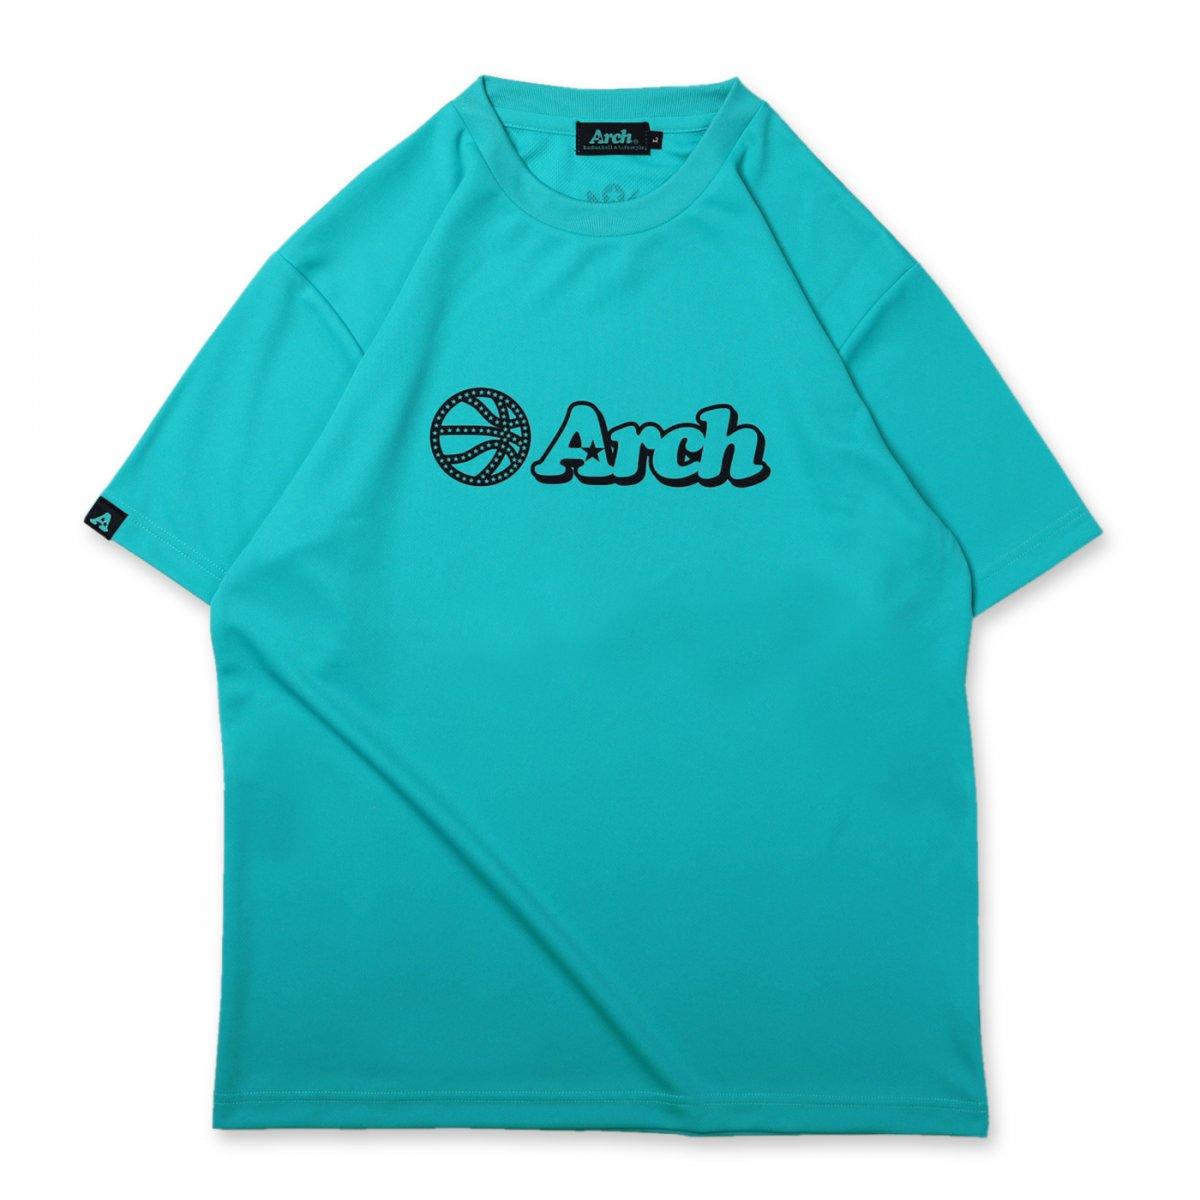 バスケ アーチ ボール ロゴ Tシャツ ミントブルー ブラック